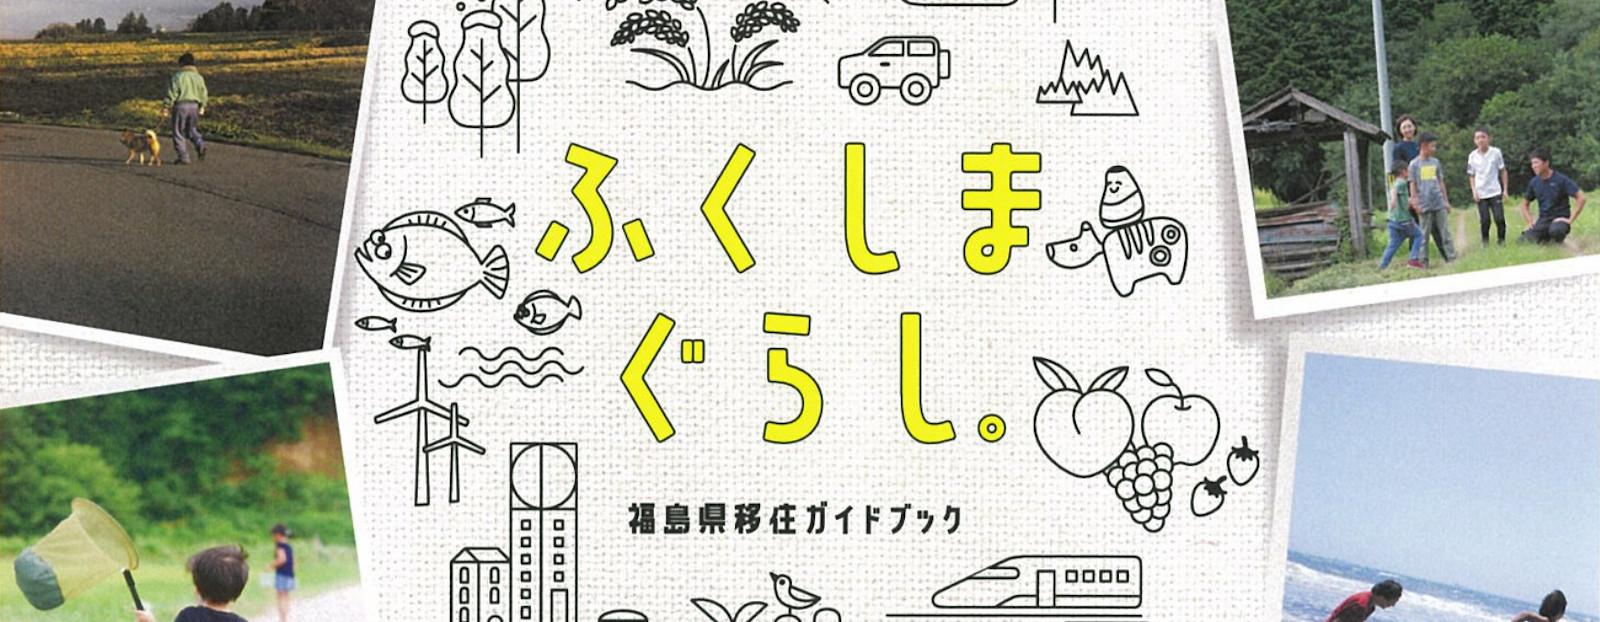 福島県 移住のためのパンフレット